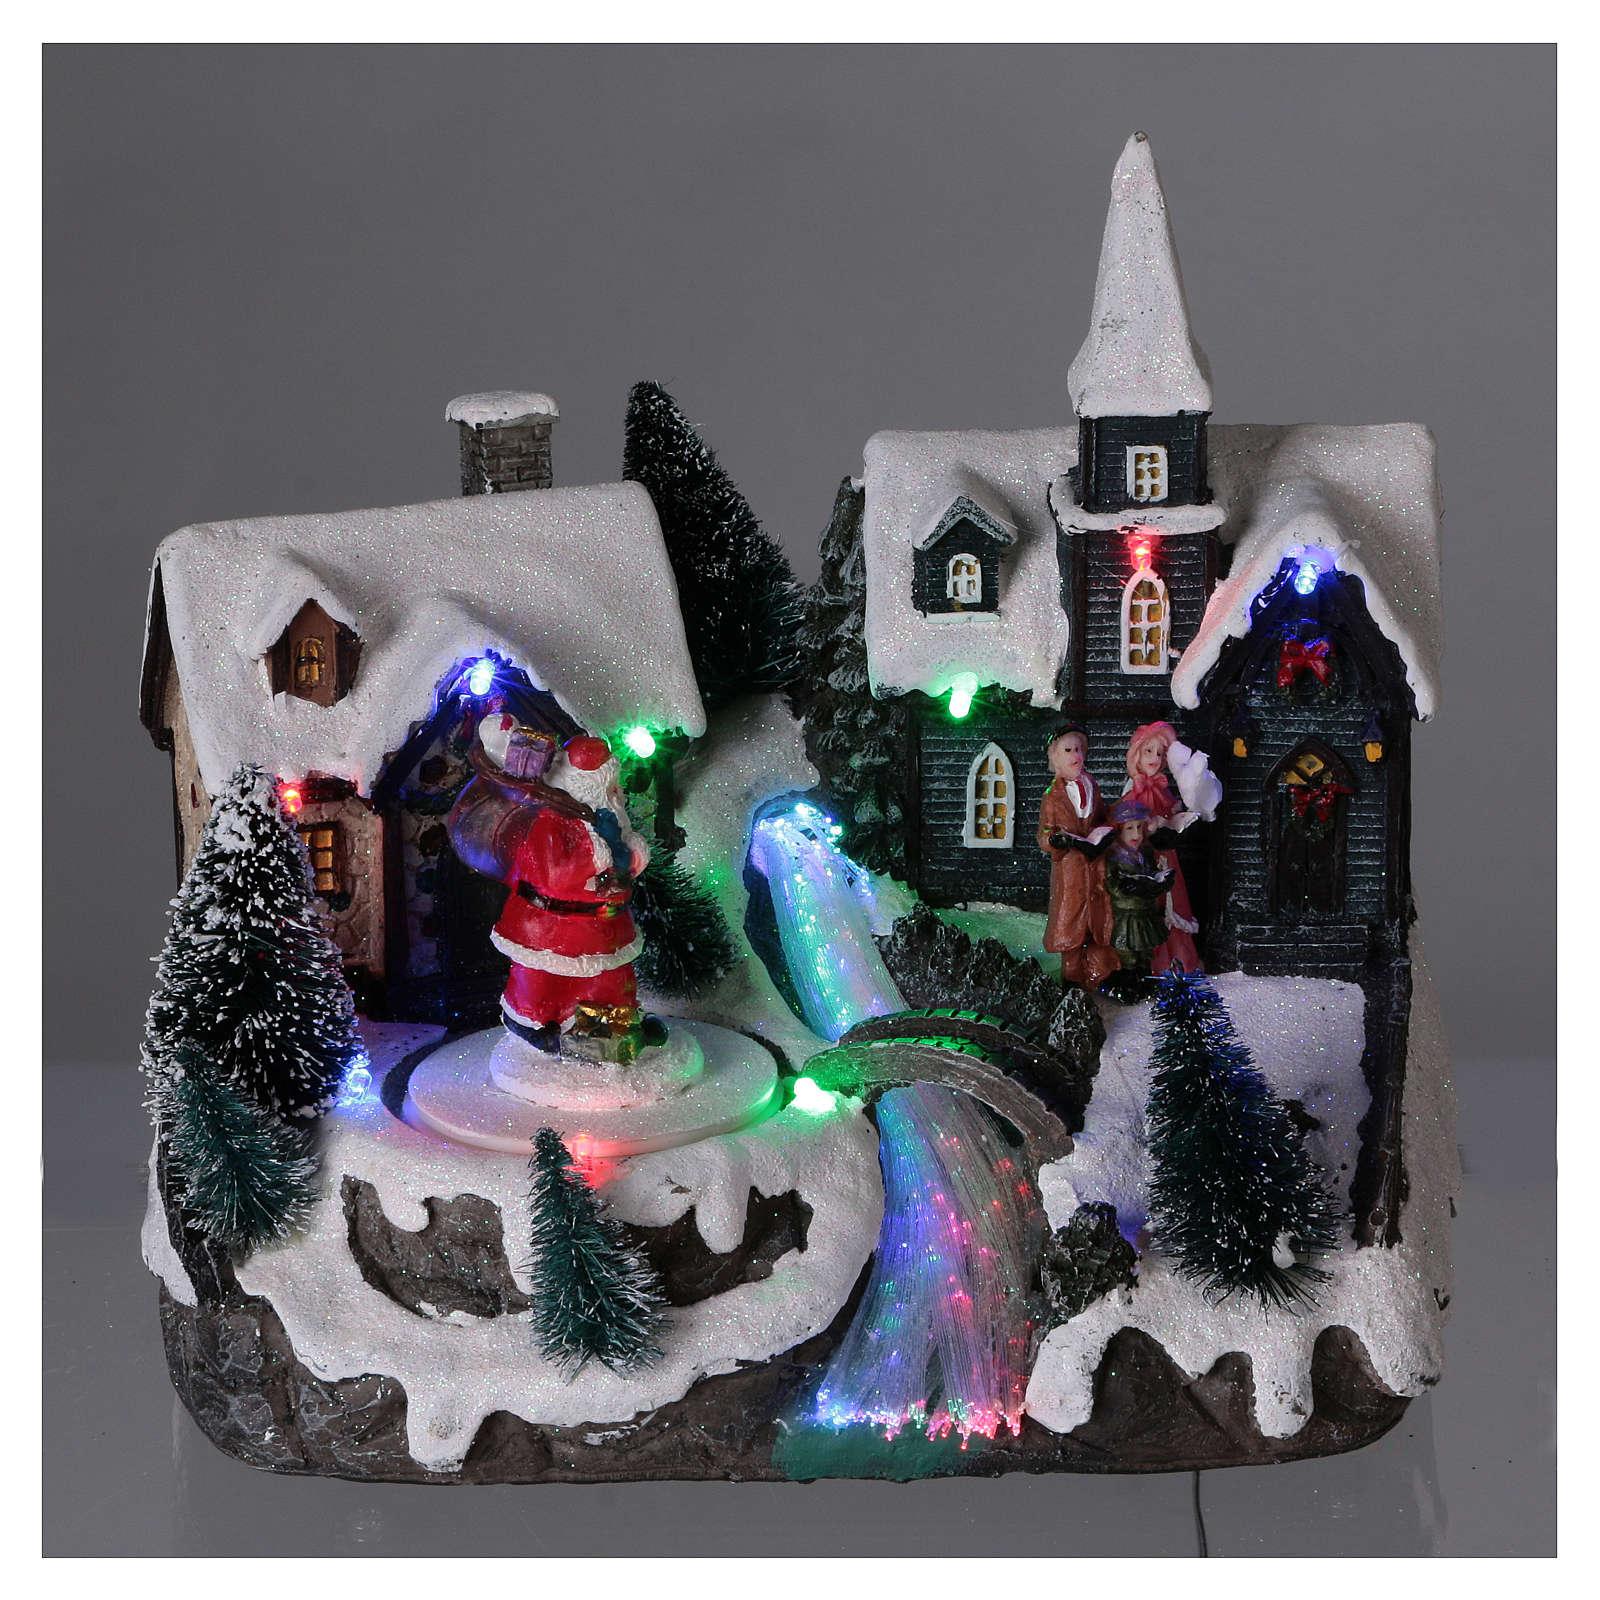 Paysage de Noël 20x20x15 cm Père Noël mouvement piles 3